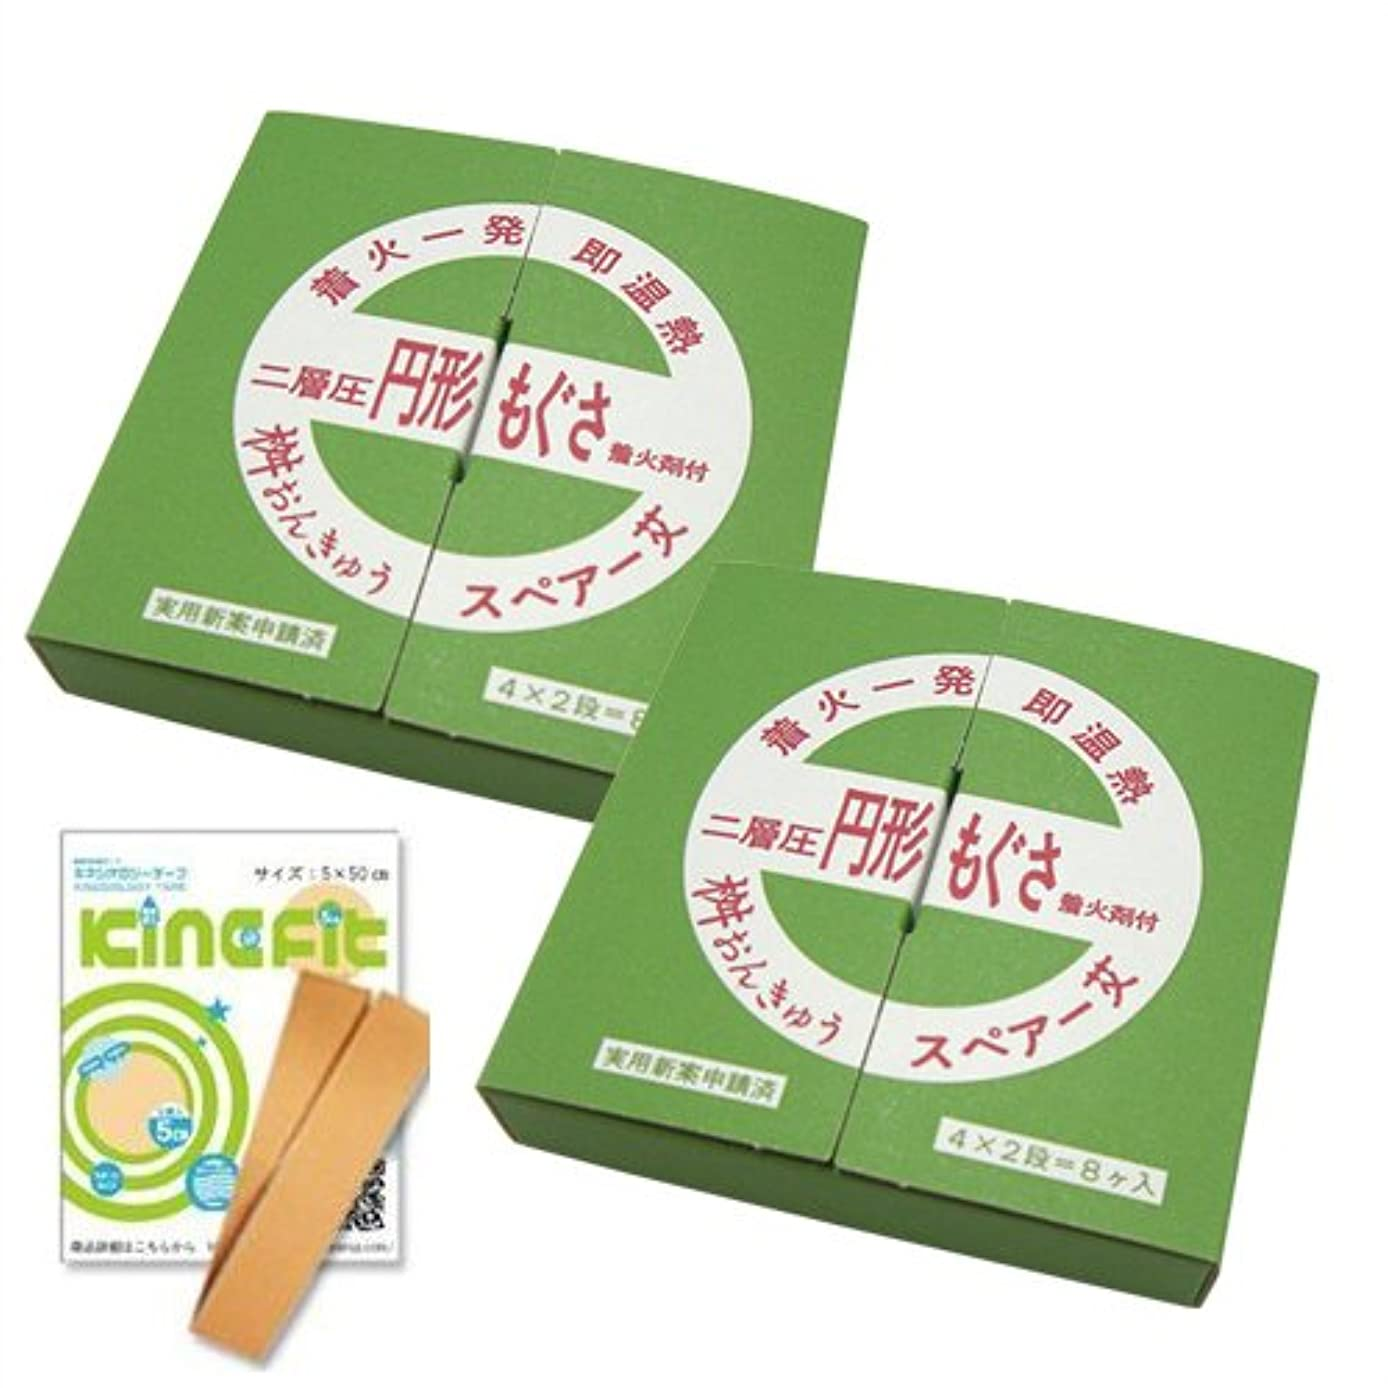 ウェイター再発するスティック桝おんきゅう用スペアもぐさ 円形もぐさ(8ケ) ×2箱セット + お試し用キネシオロジーテープ キネフィット50cm セット